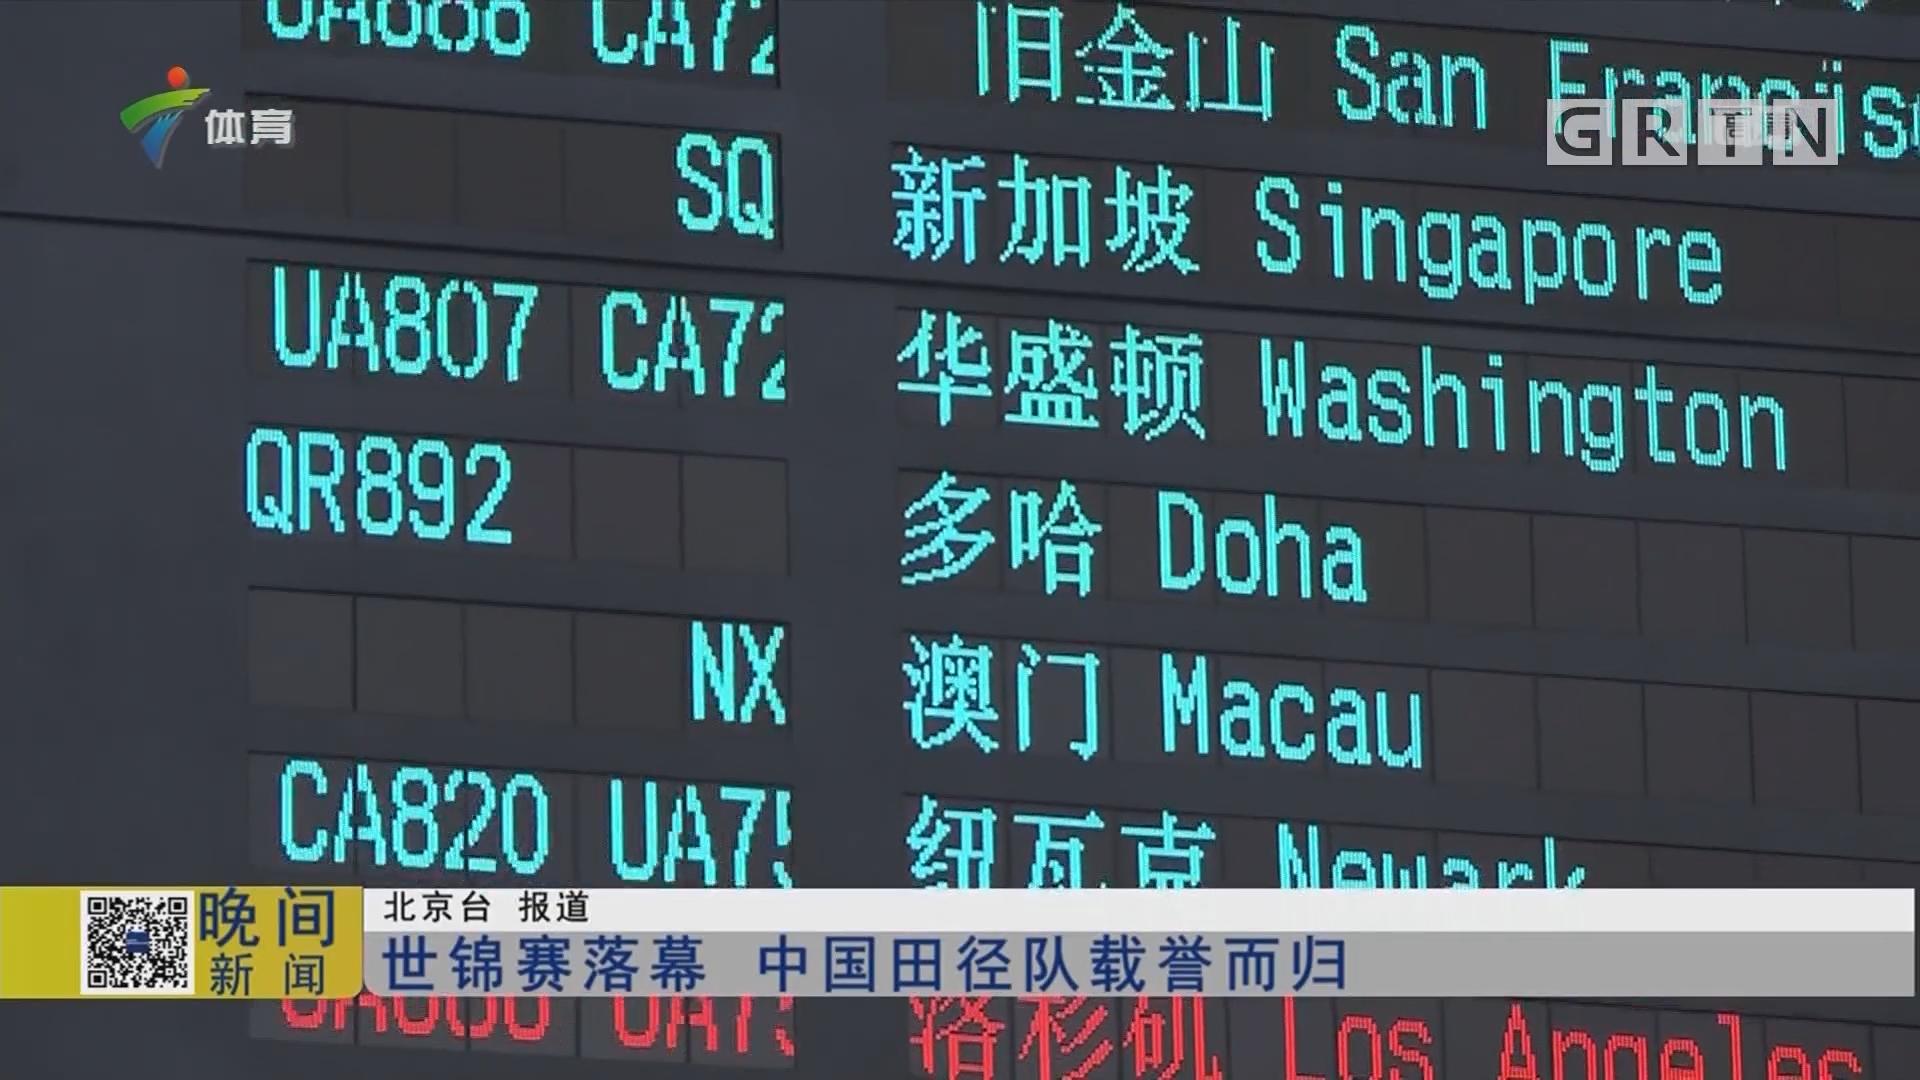 世錦賽落幕 中國田徑隊載譽而歸